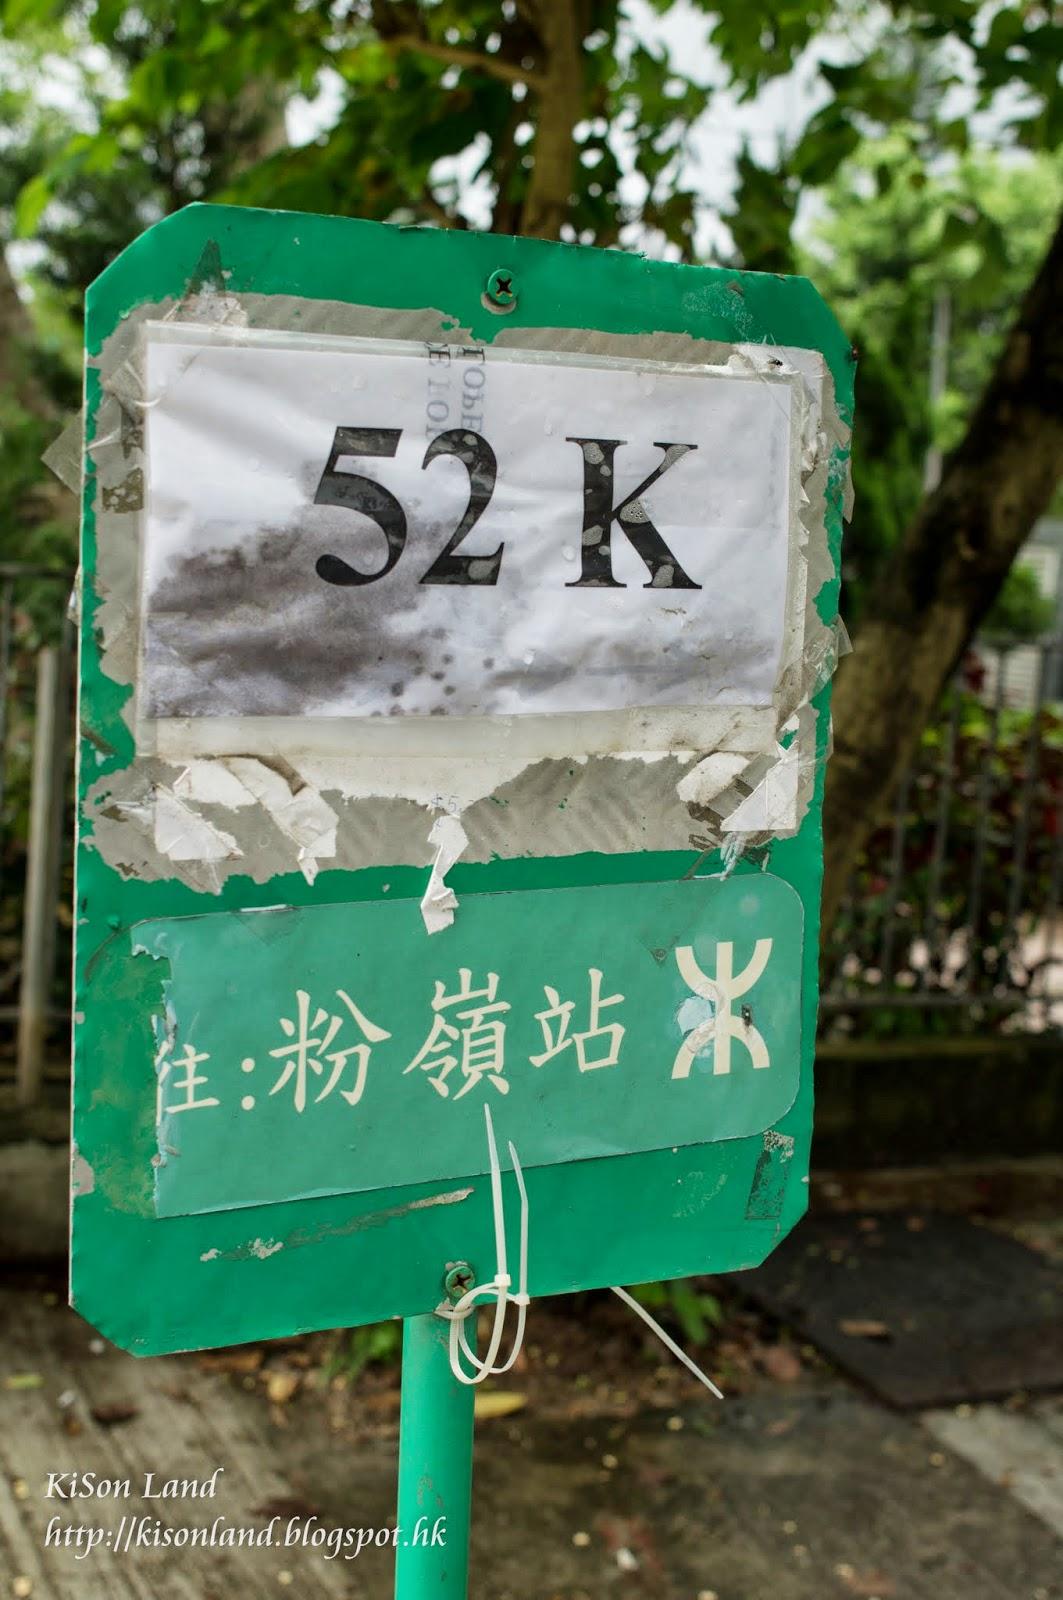 KiSon Land: 【香港。雲泉仙館】初夏之荷